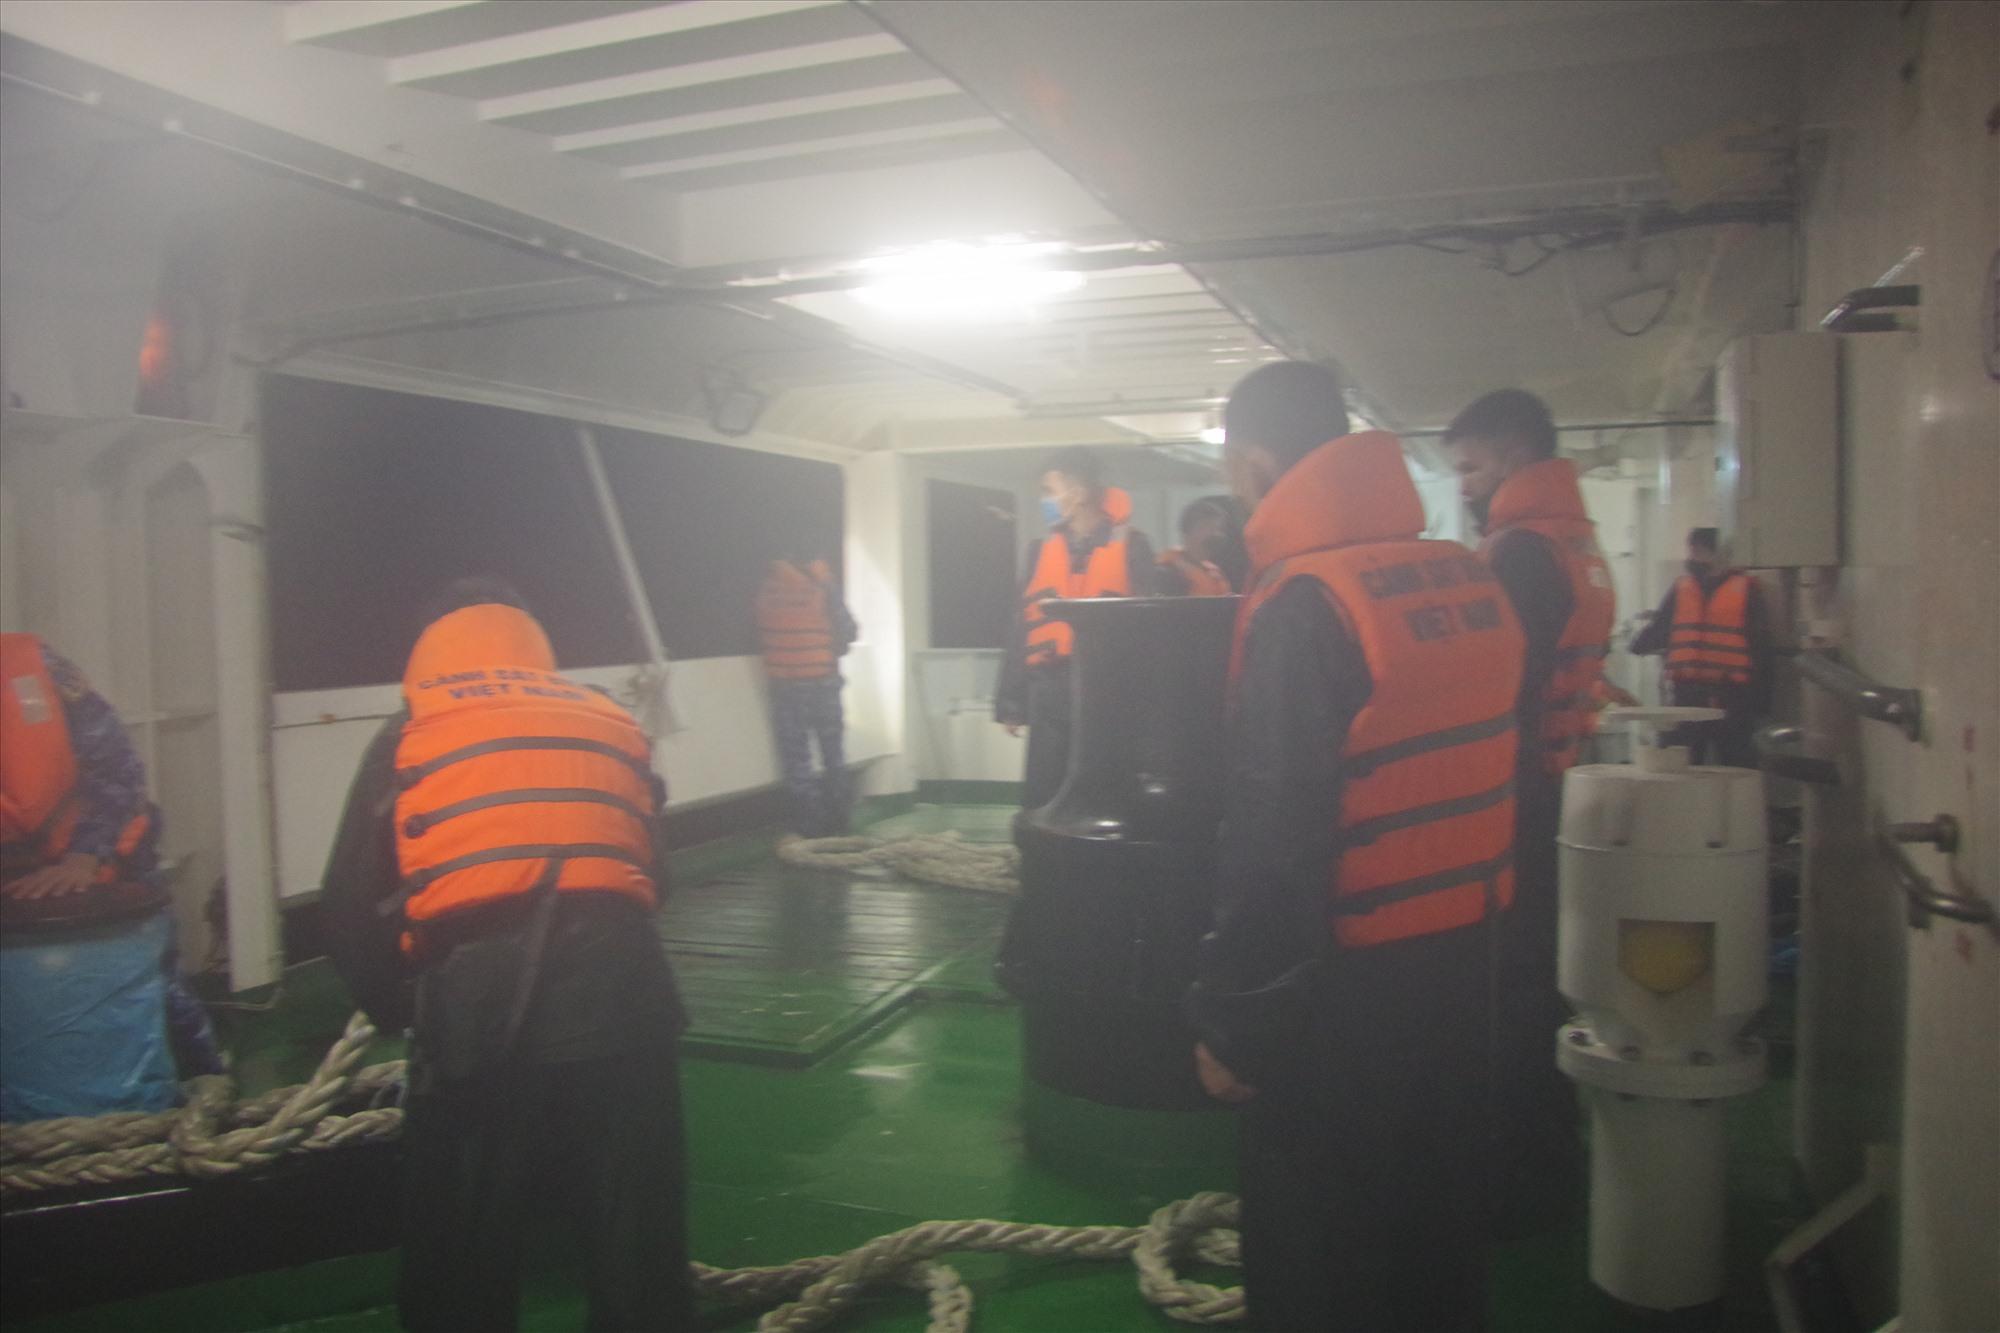 Cán bộ chiến sĩ tàu CSB 8002 tiến hành lai dắt tàu ĐNa -0494 và tàu cá ngư dân vào bờ